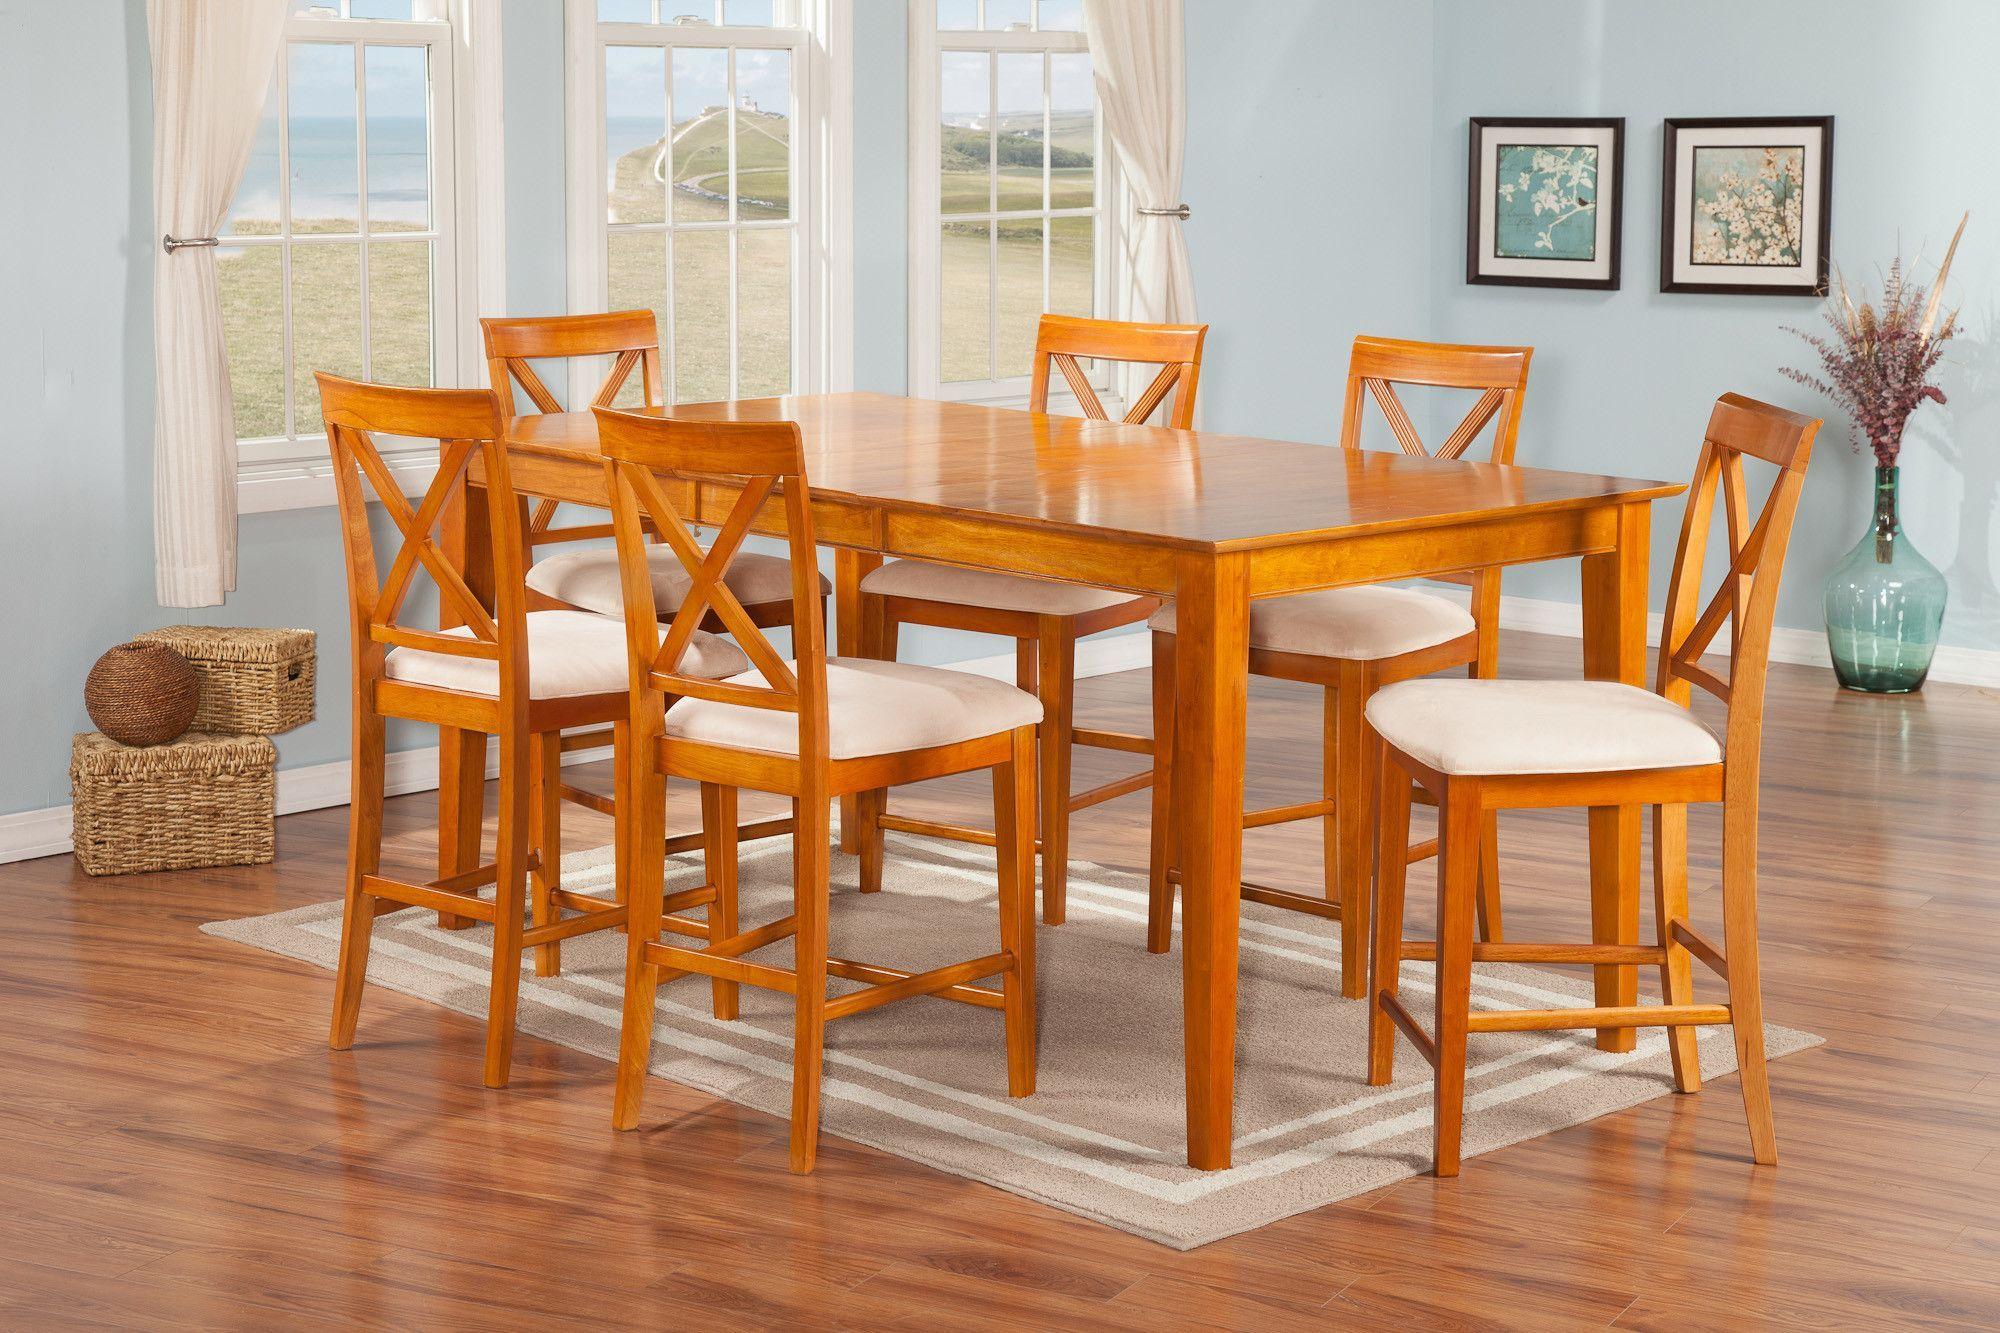 Crestwood 7 Piece Pub Table Set